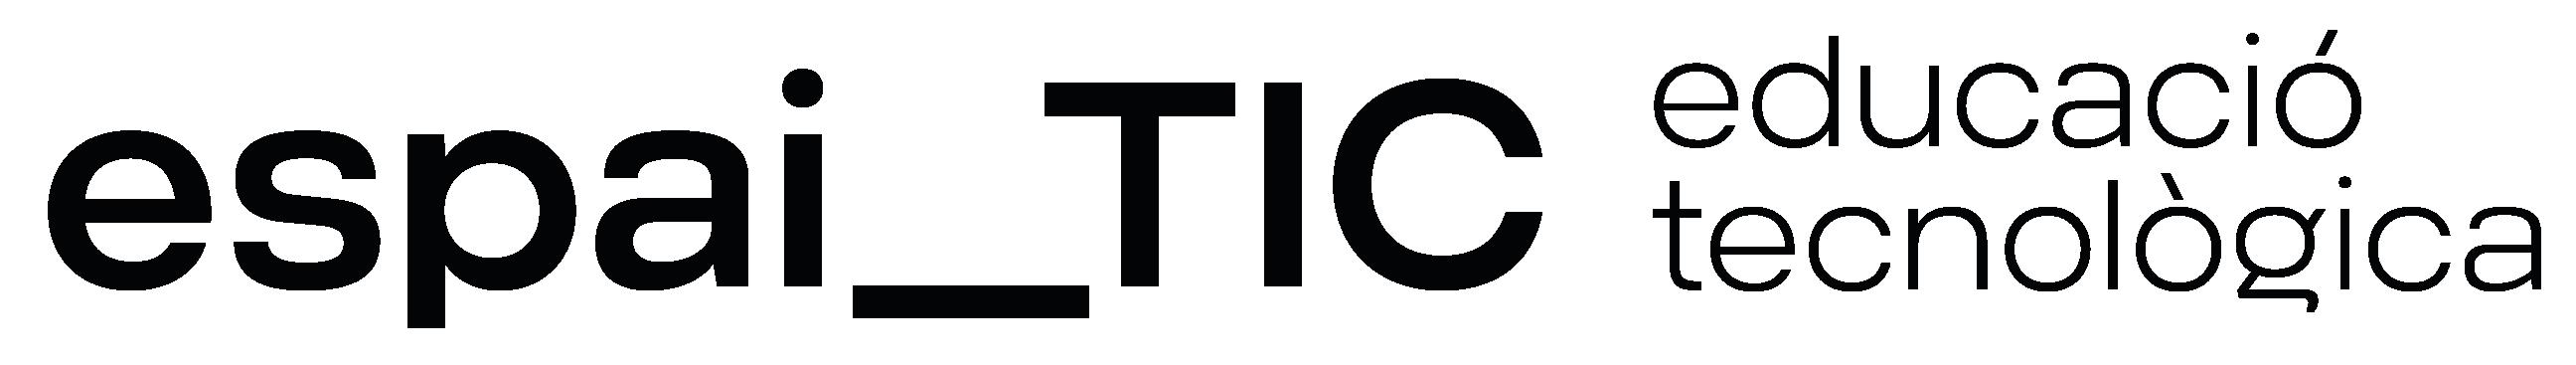 espai_TIC